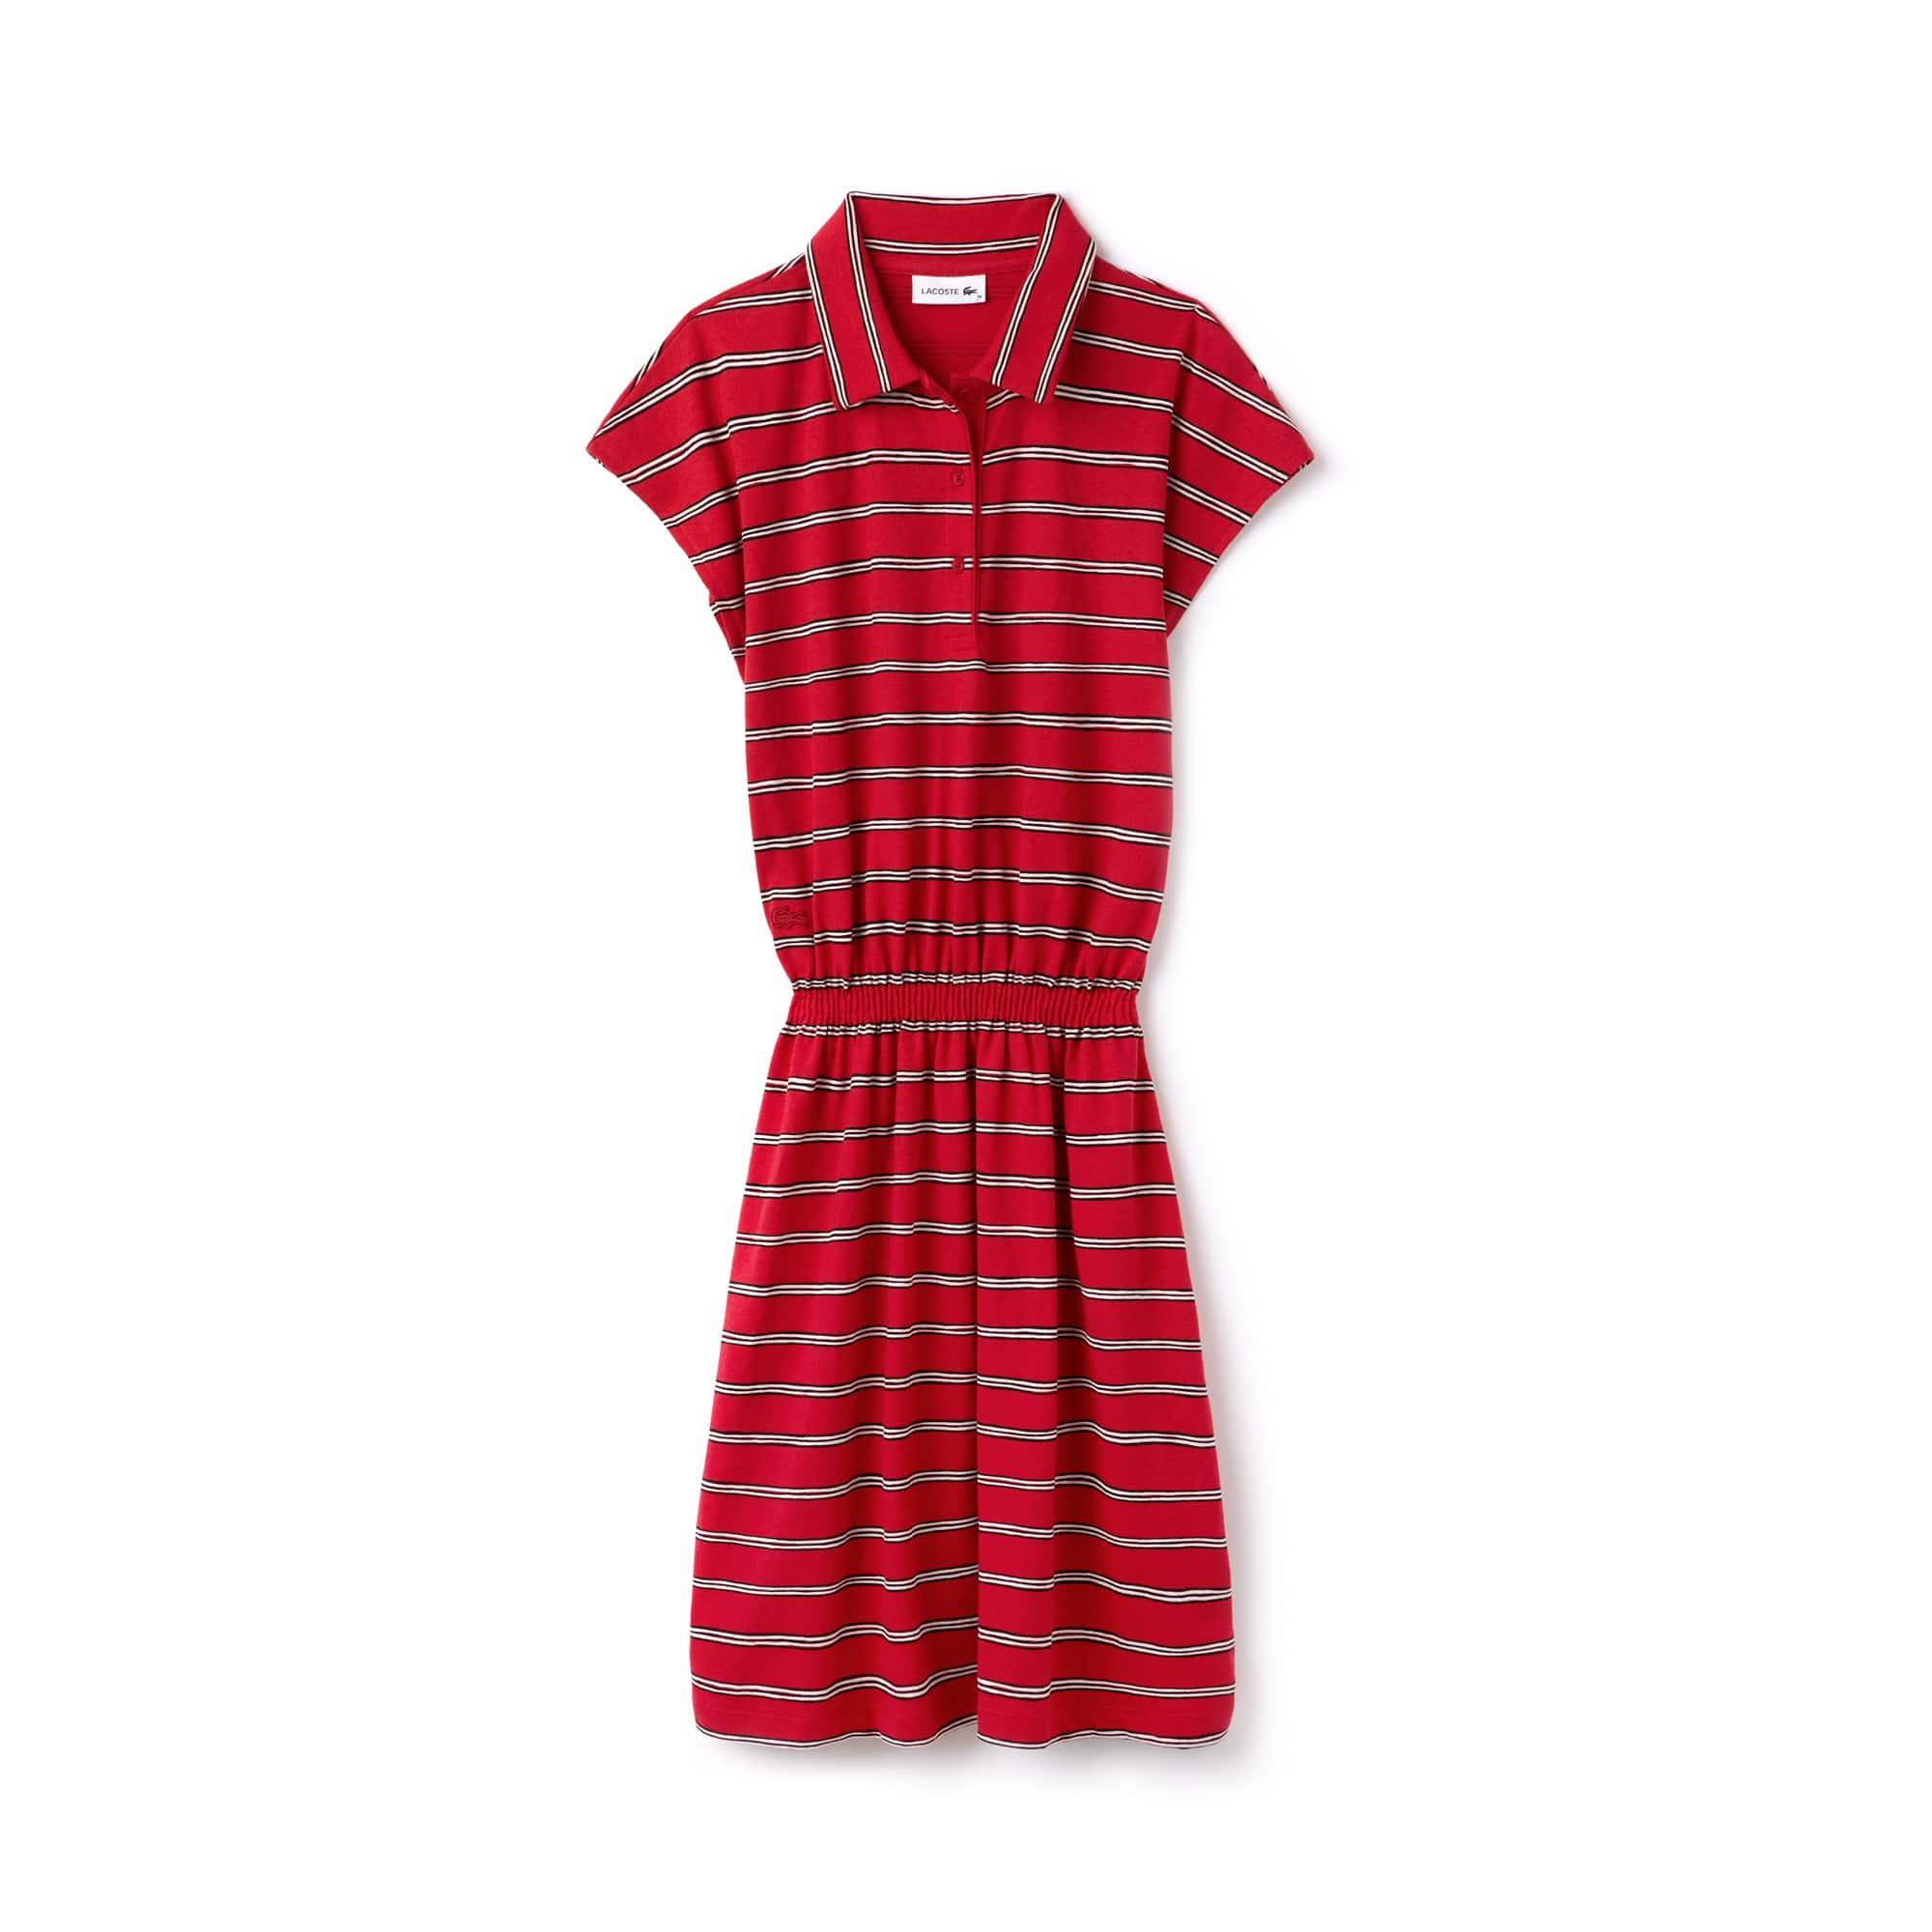 Vestido polo entallado Lacoste de punto jersey de algodón y lino de rayas